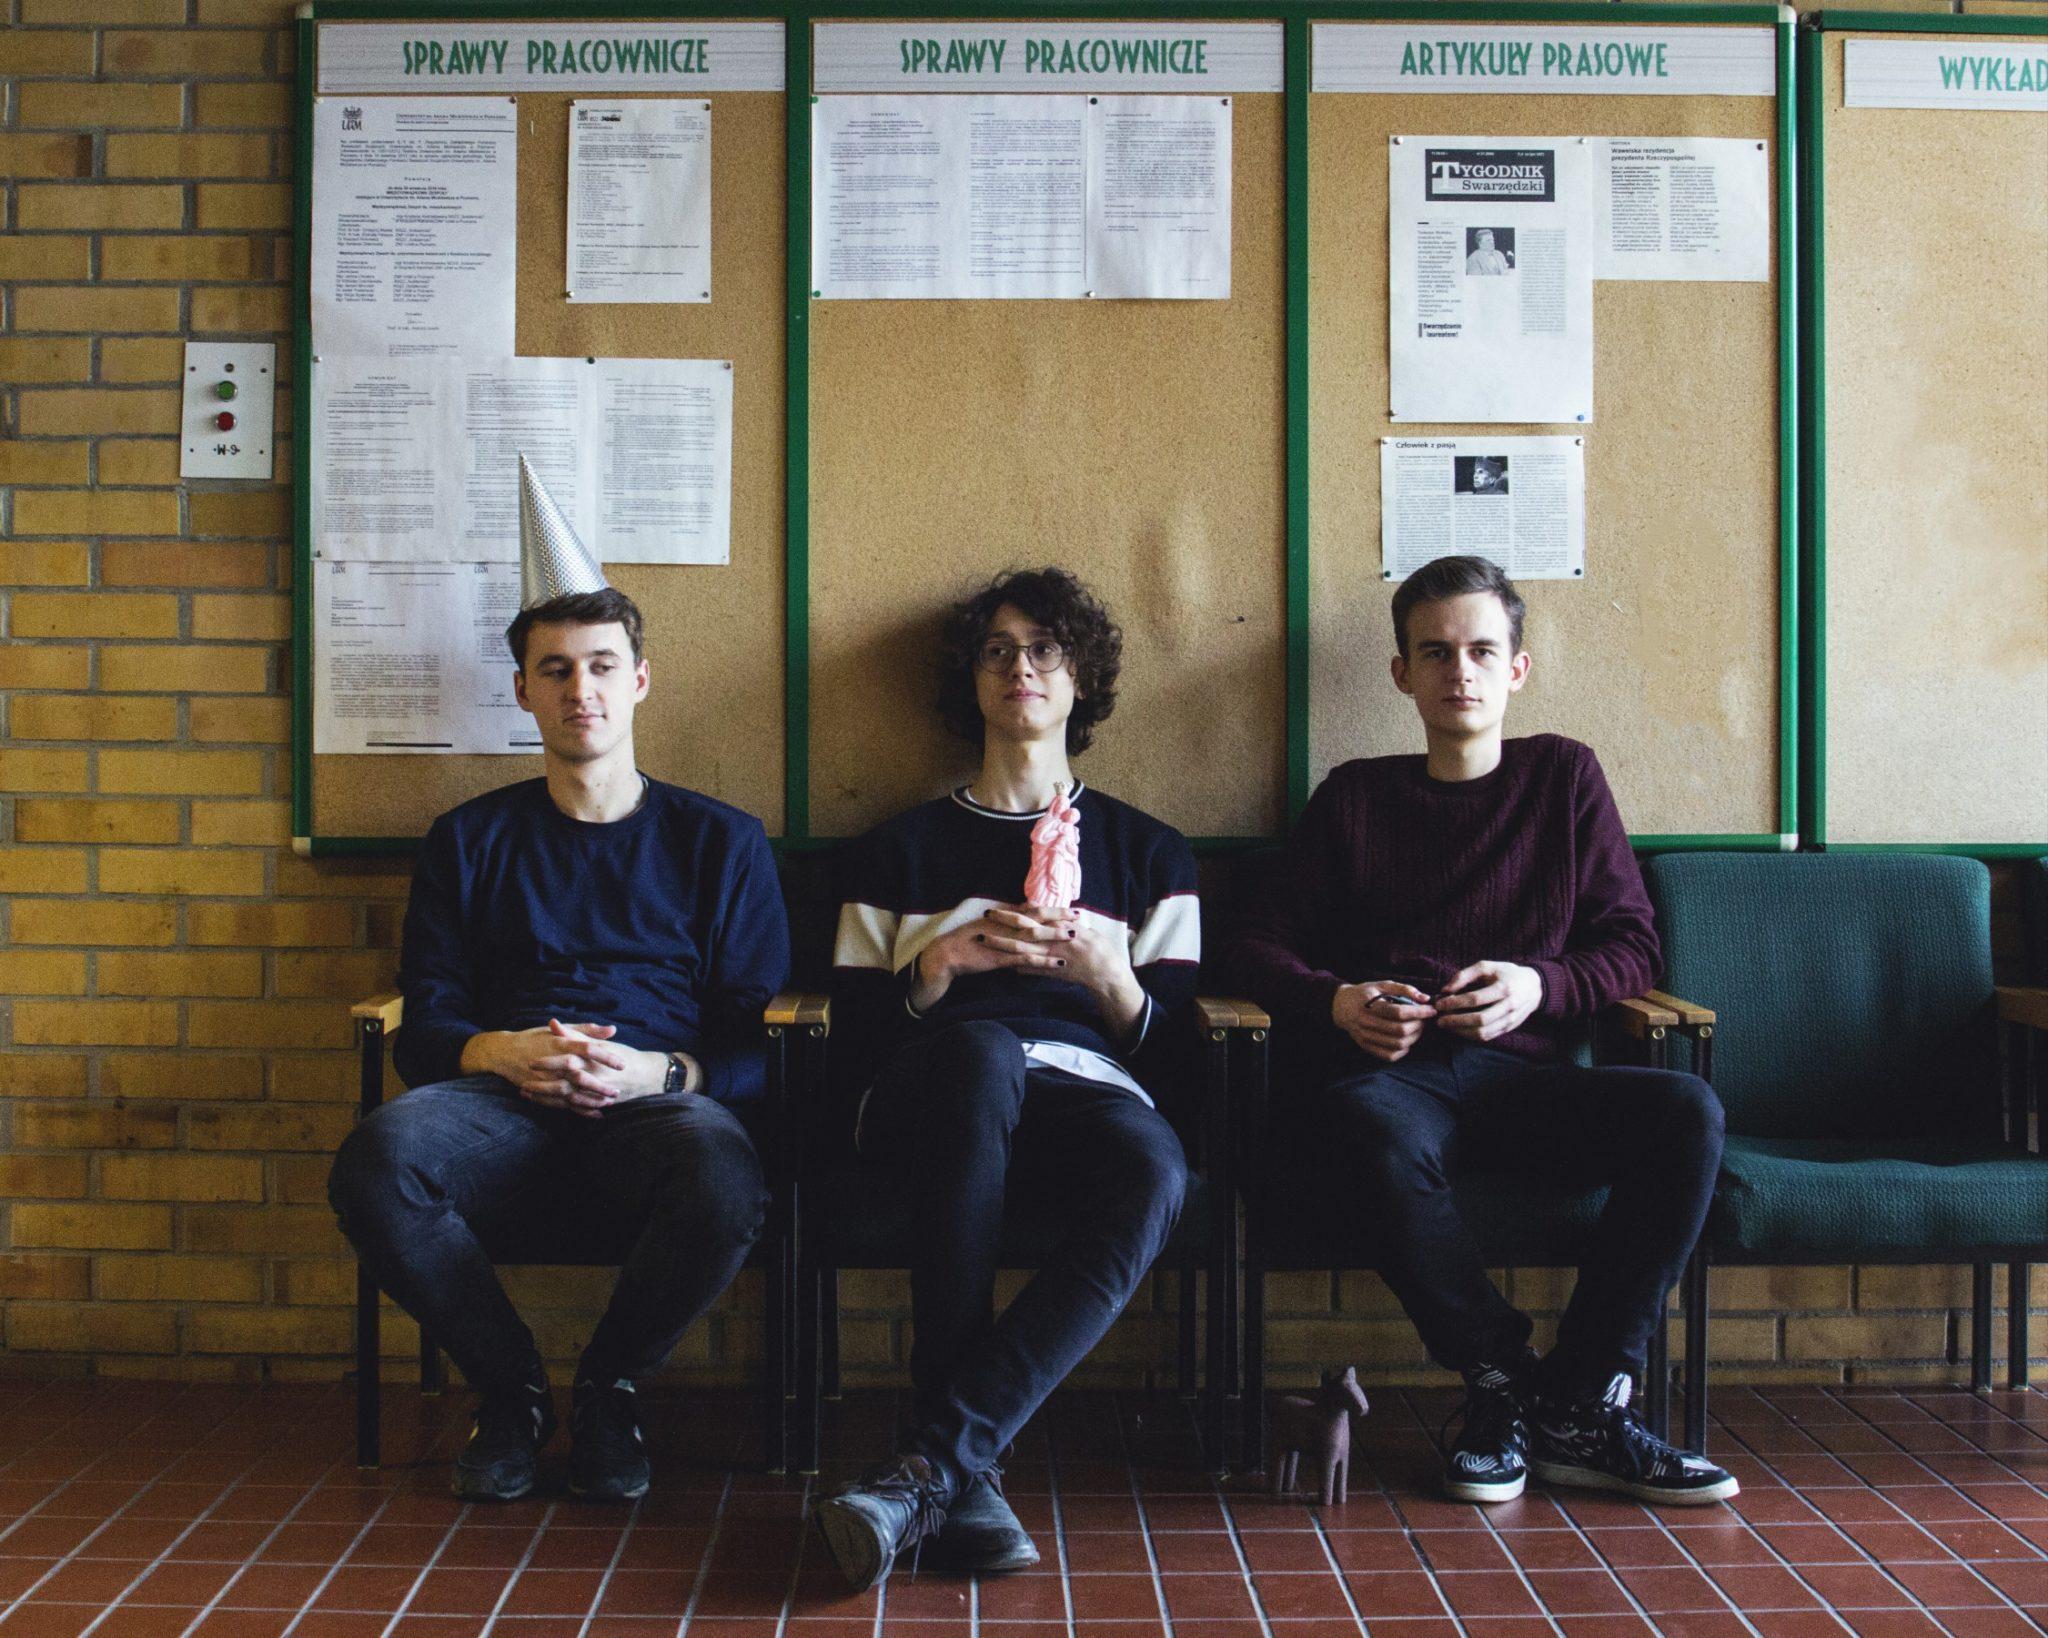 Trzech chlopakow w szkole siedza na tle tablicy ogloszen